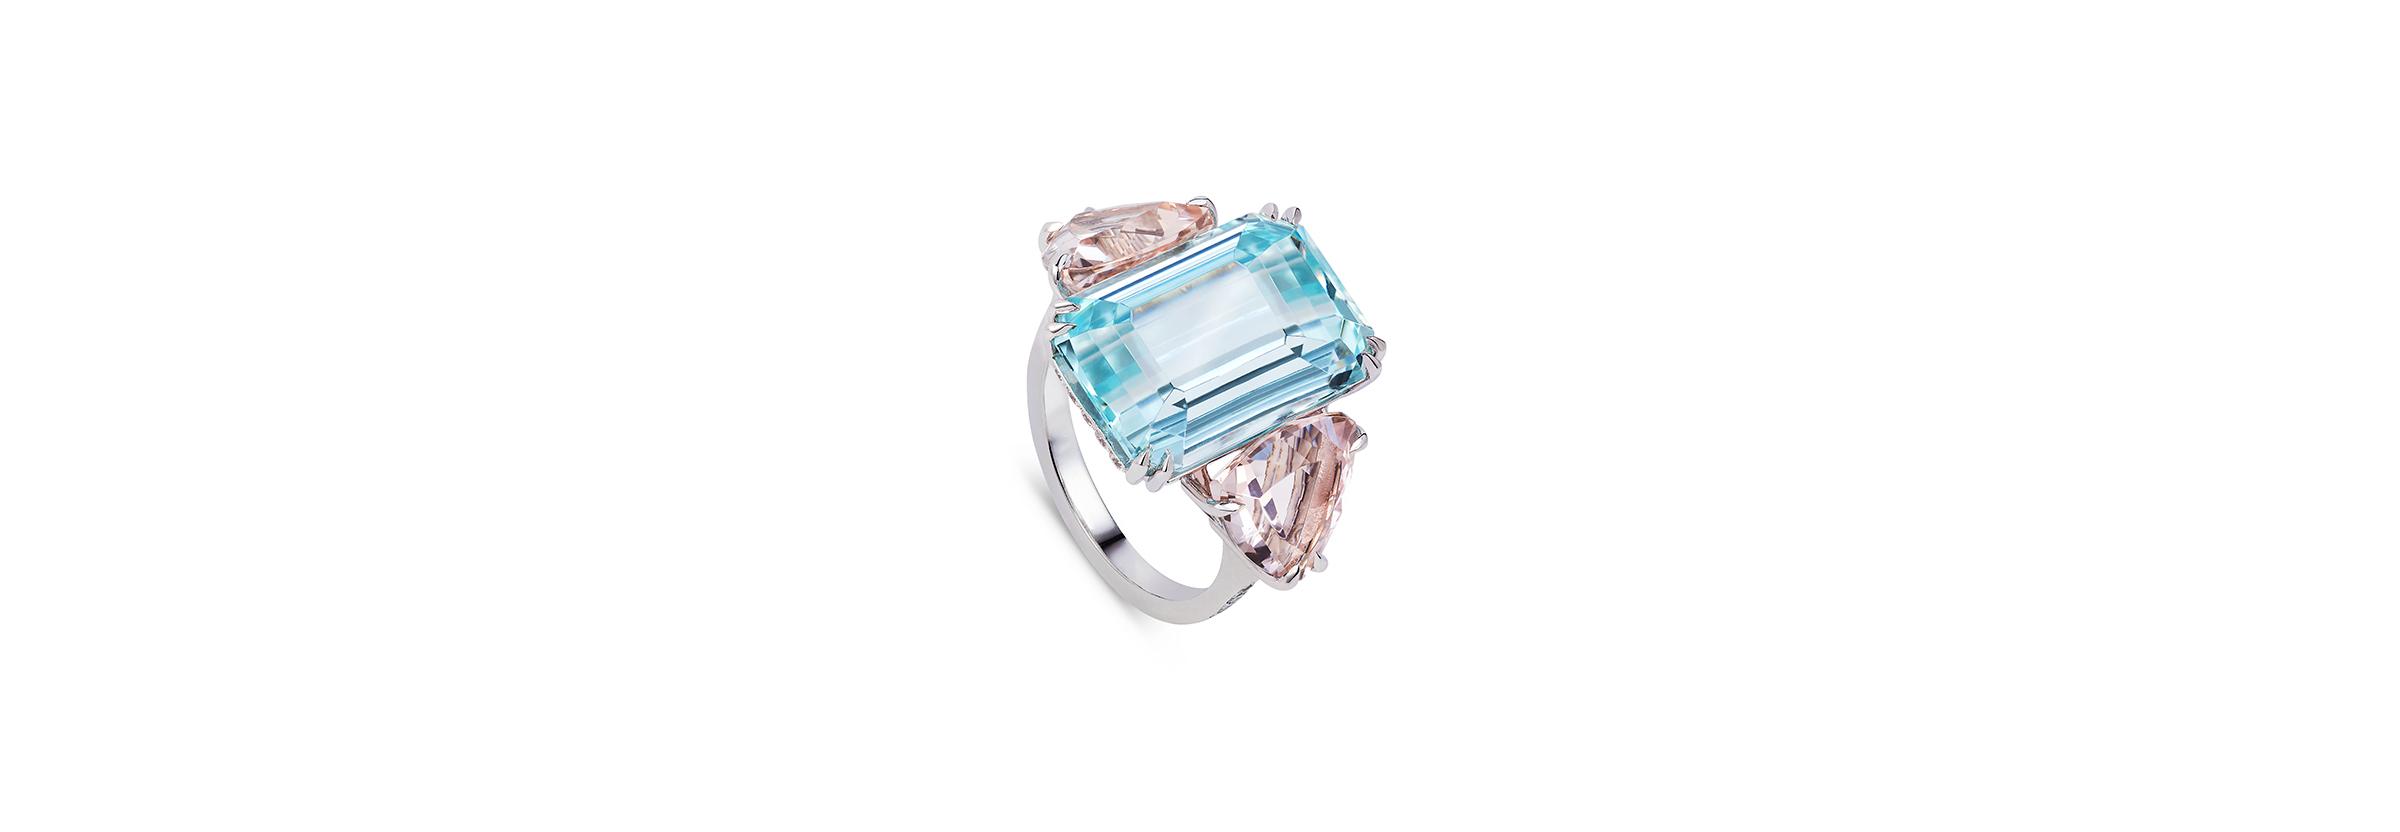 Seaside Ring